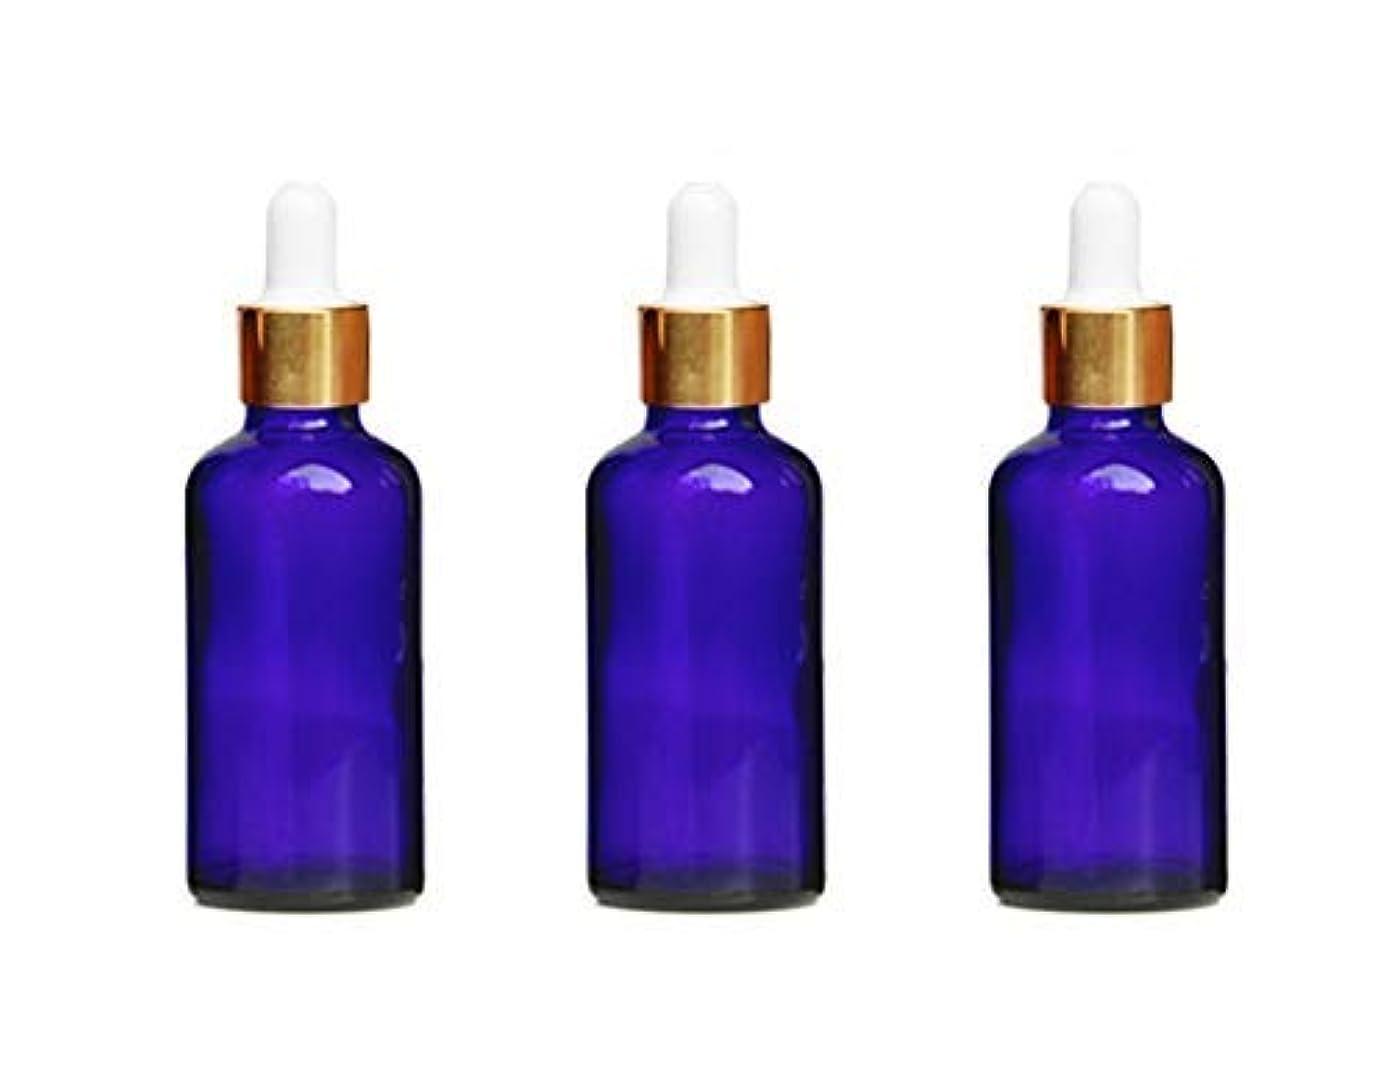 トランザクションレジデンス市町村3Pcs Blue Glass Essential Oil Dropper Bottles Empty Refillable Makeup Cosmetic Sample Container Jars With Glass...